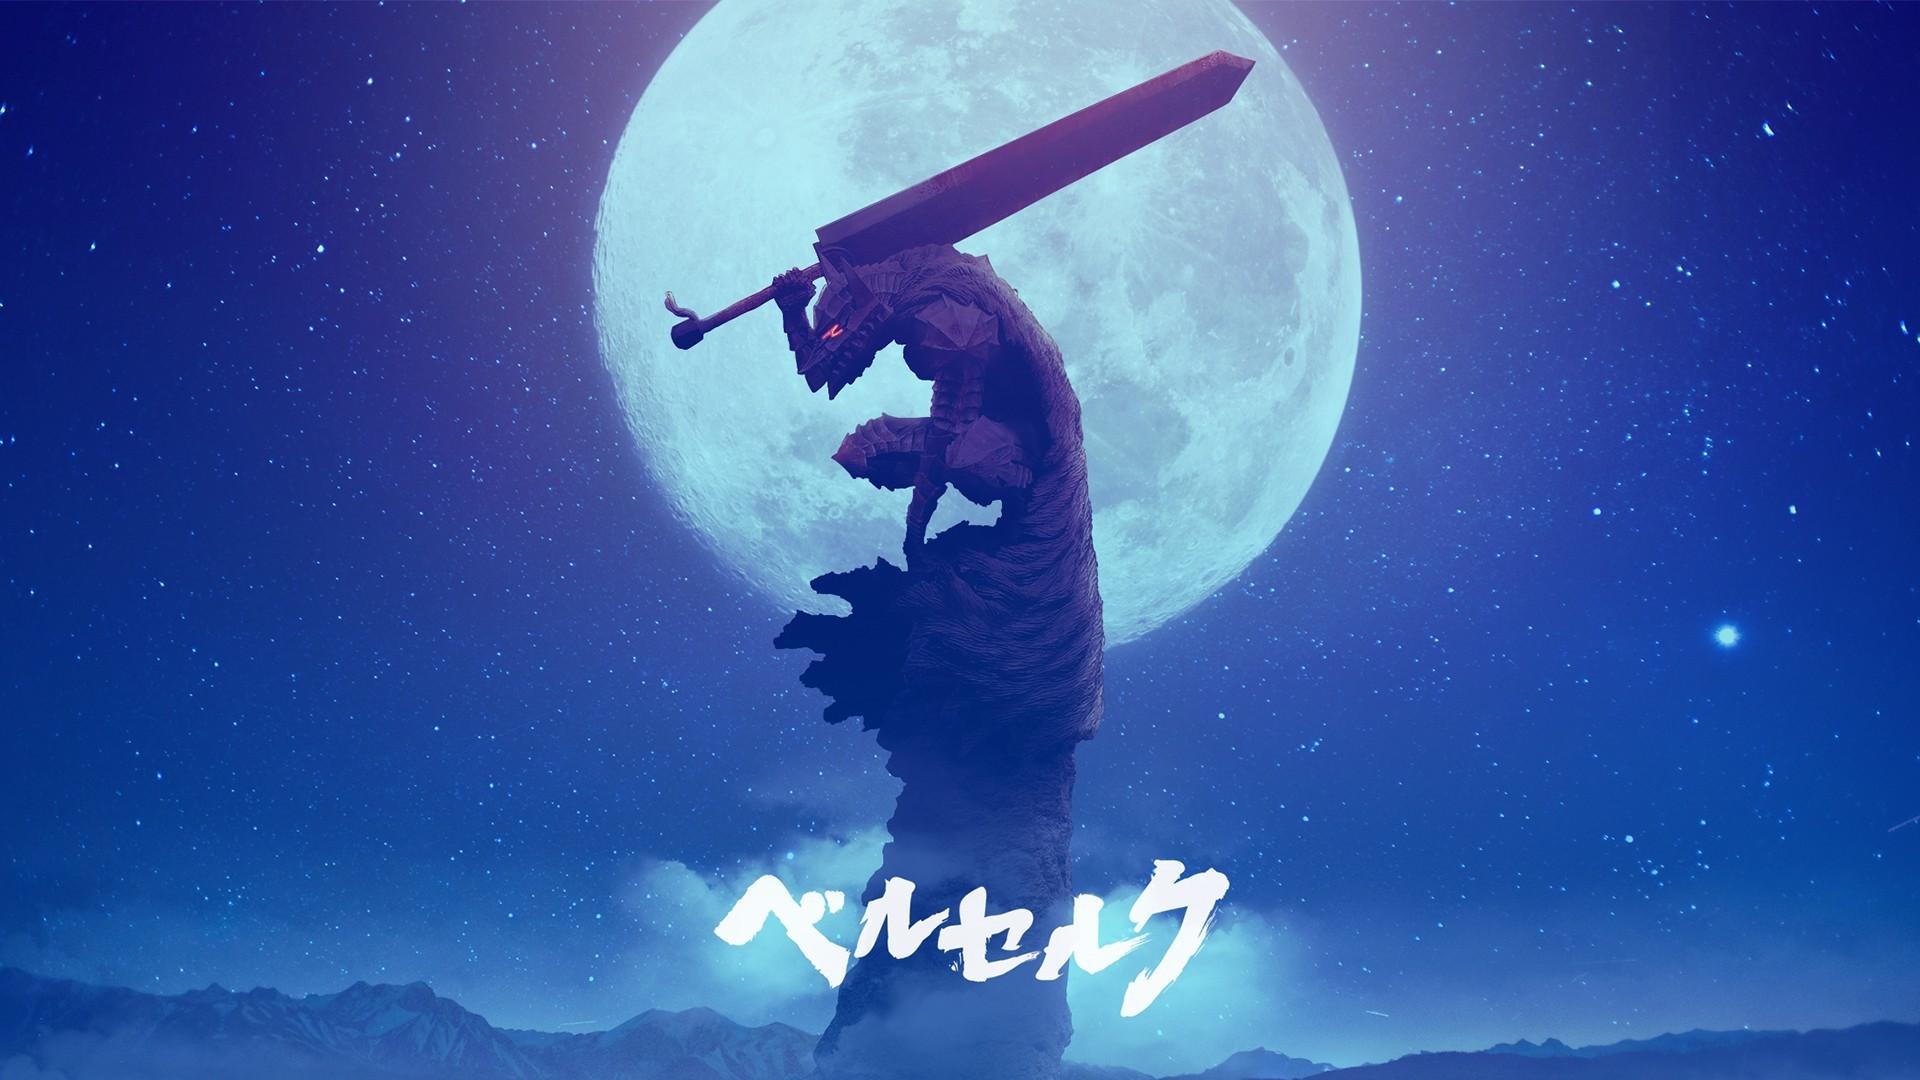 Berserk, Guts, Armor, Sword, Moon Wallpapers HD / Desktop and Mobile  Backgrounds